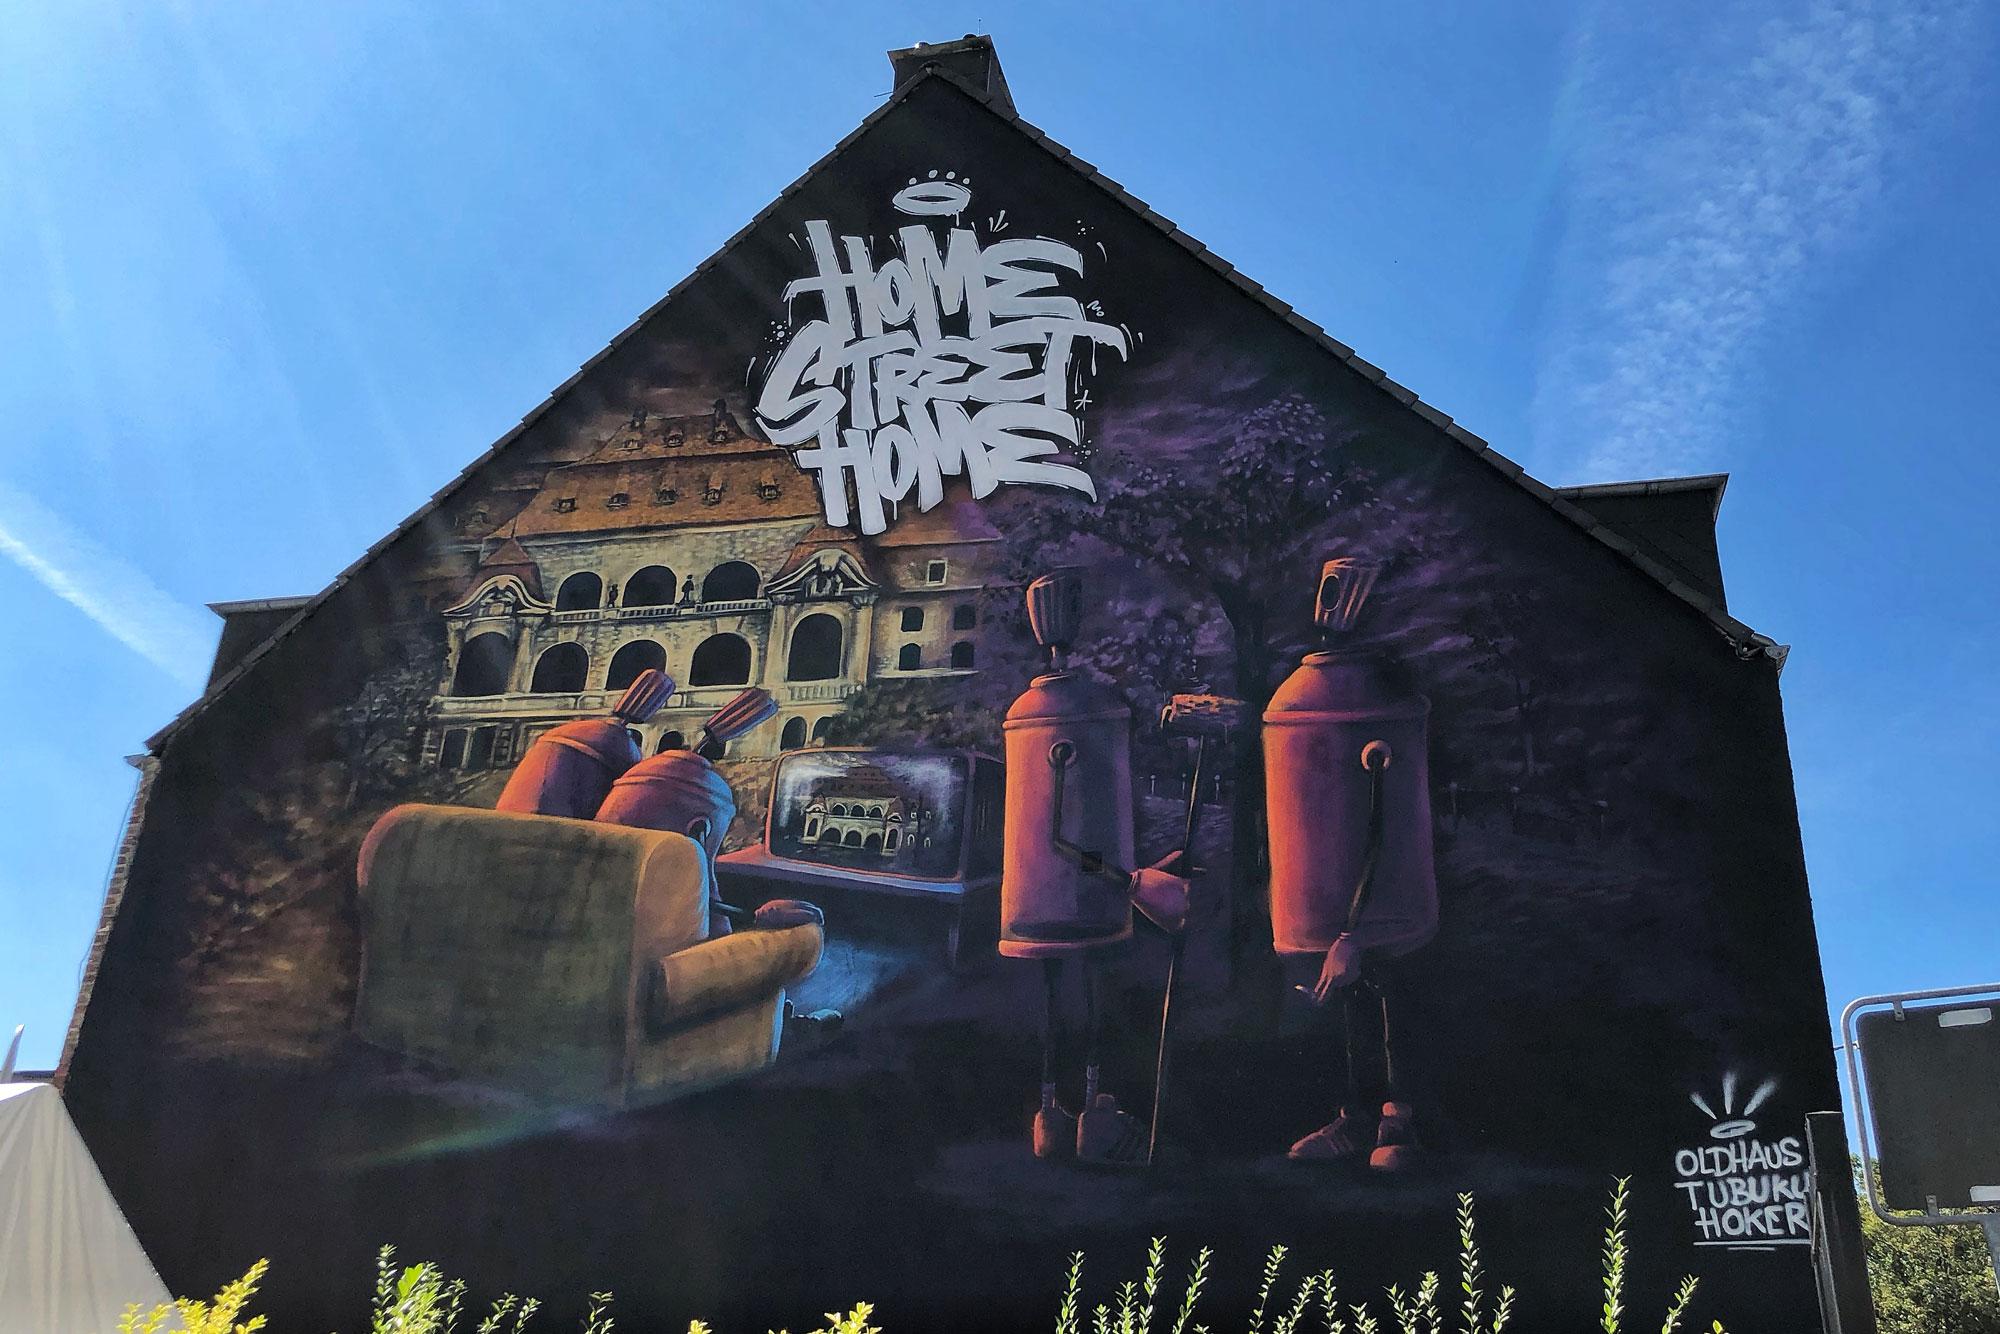 Beim Urban Art Festival sind Sprayer aus Deutschland und Spanien auf der Waldhausener Straße aktiv. (Foto: Steffen Mumm)